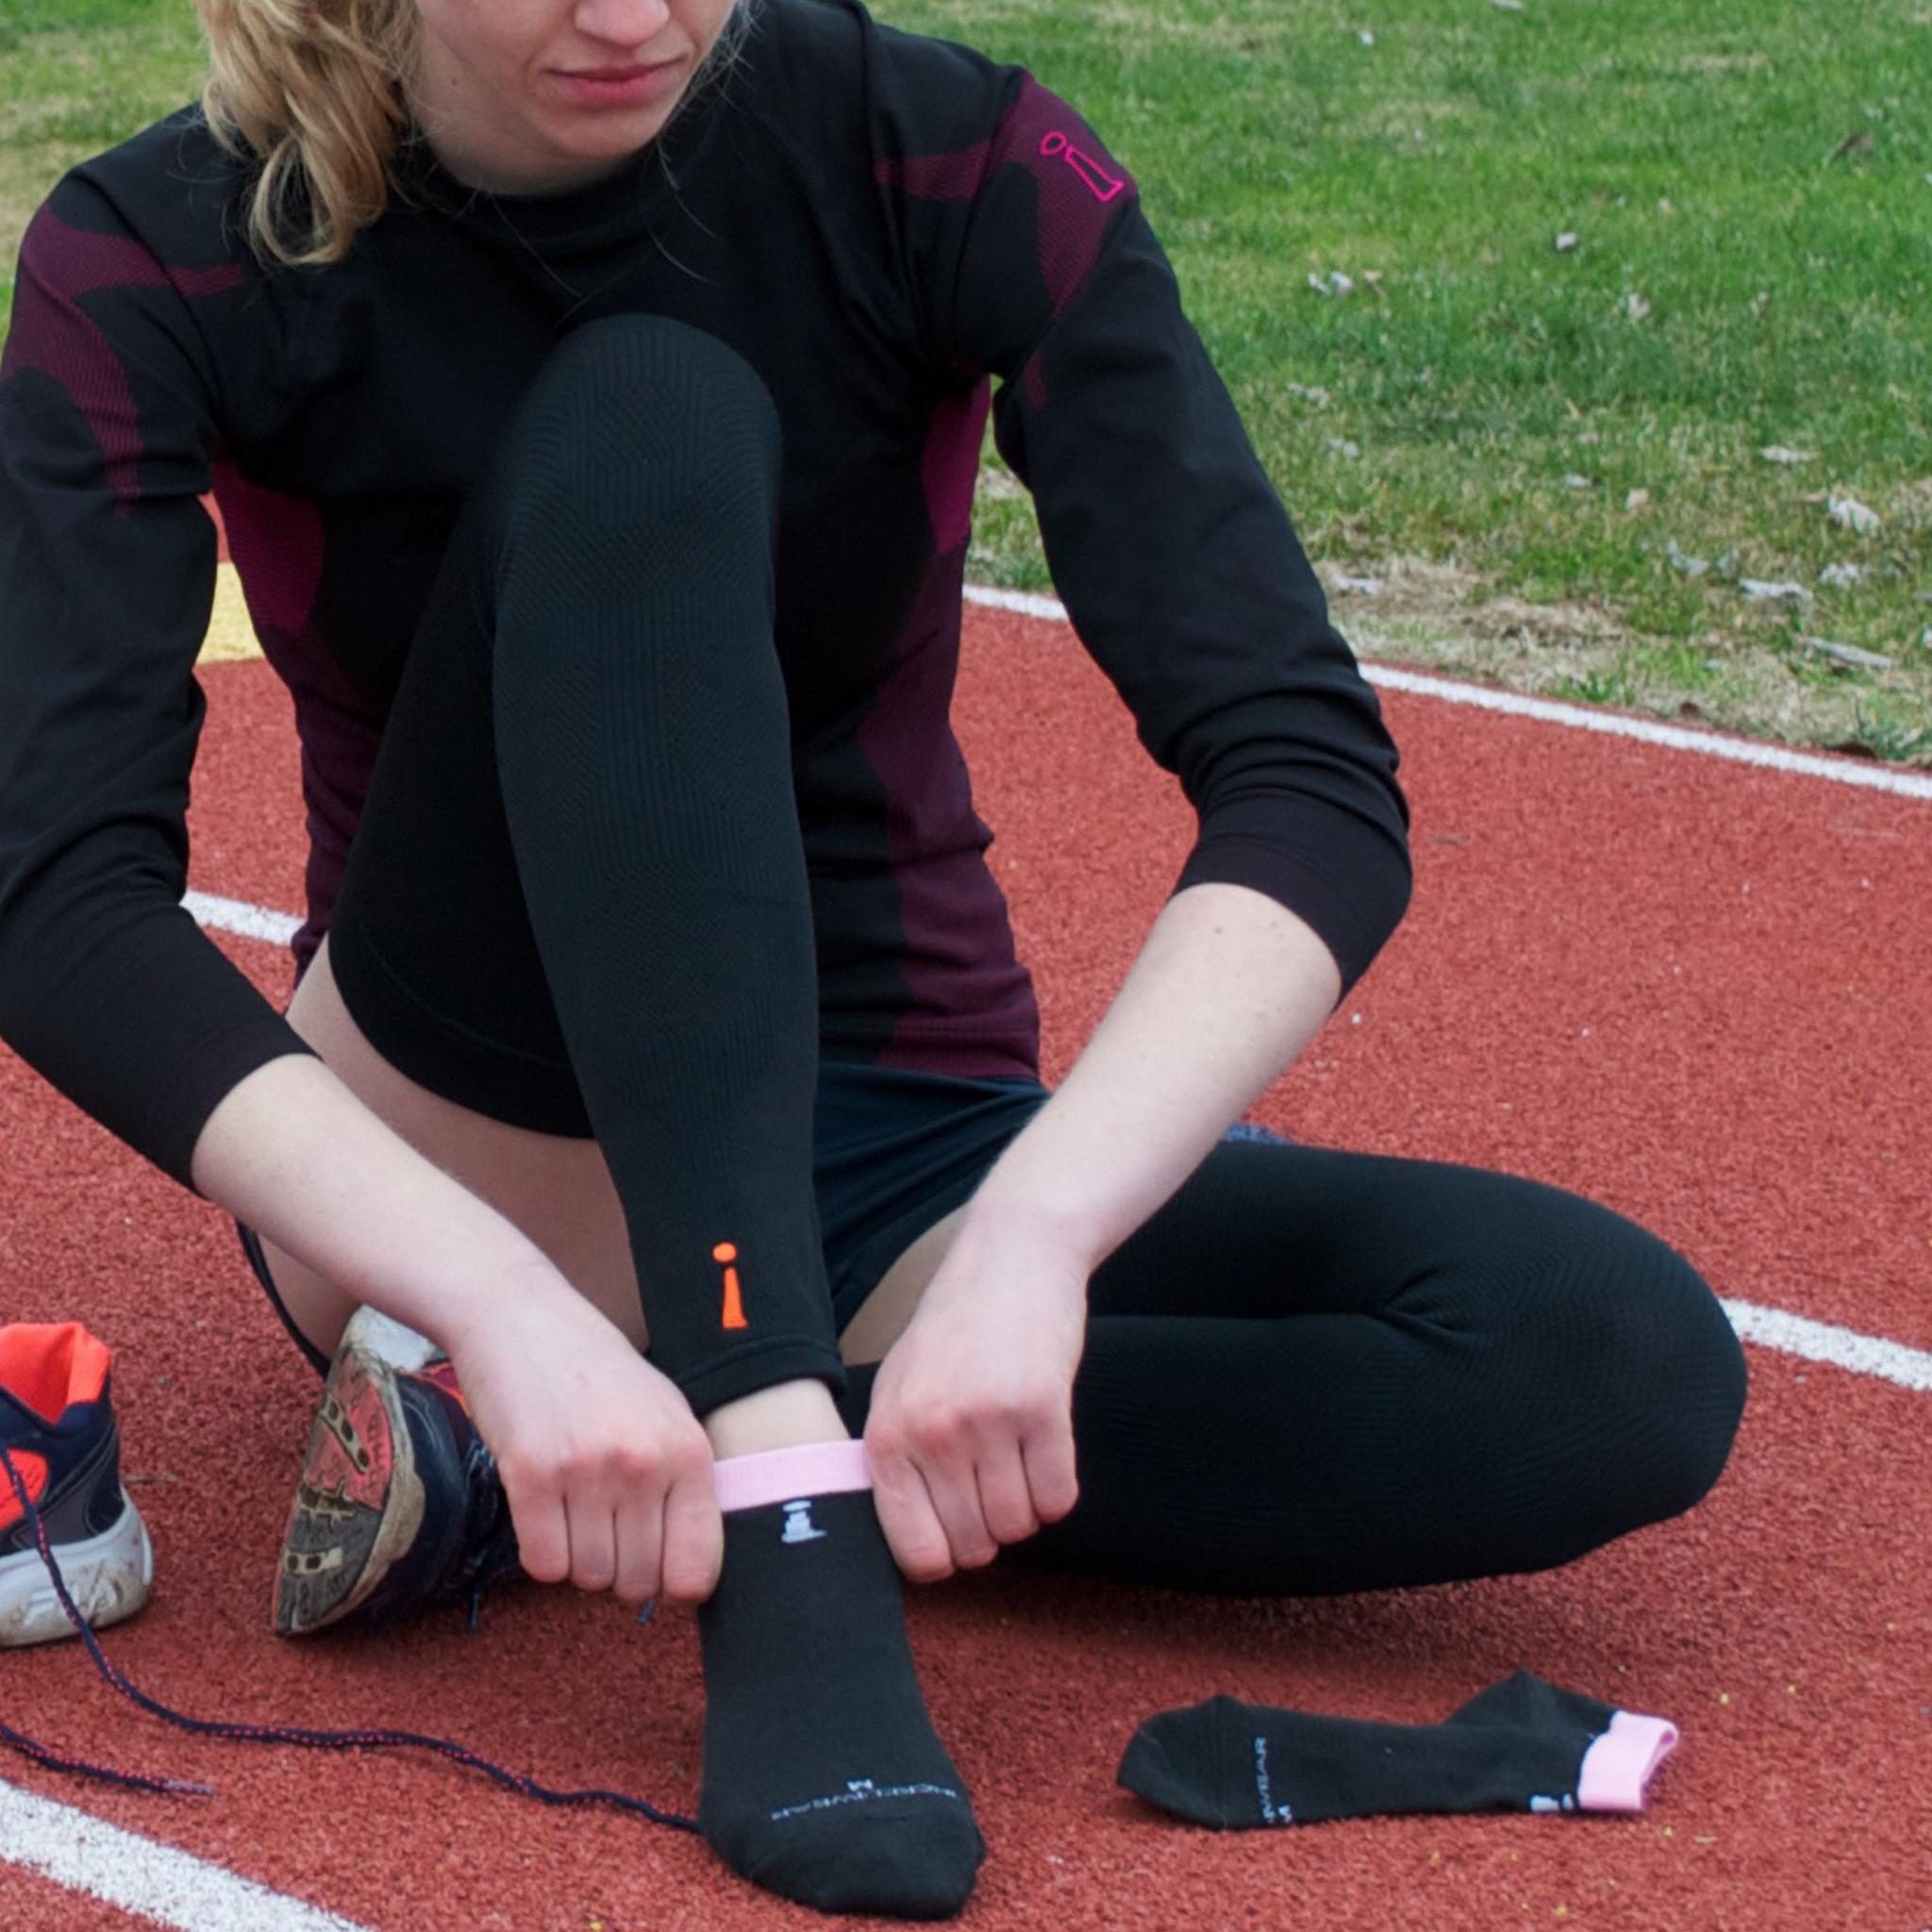 Run_Socks_2